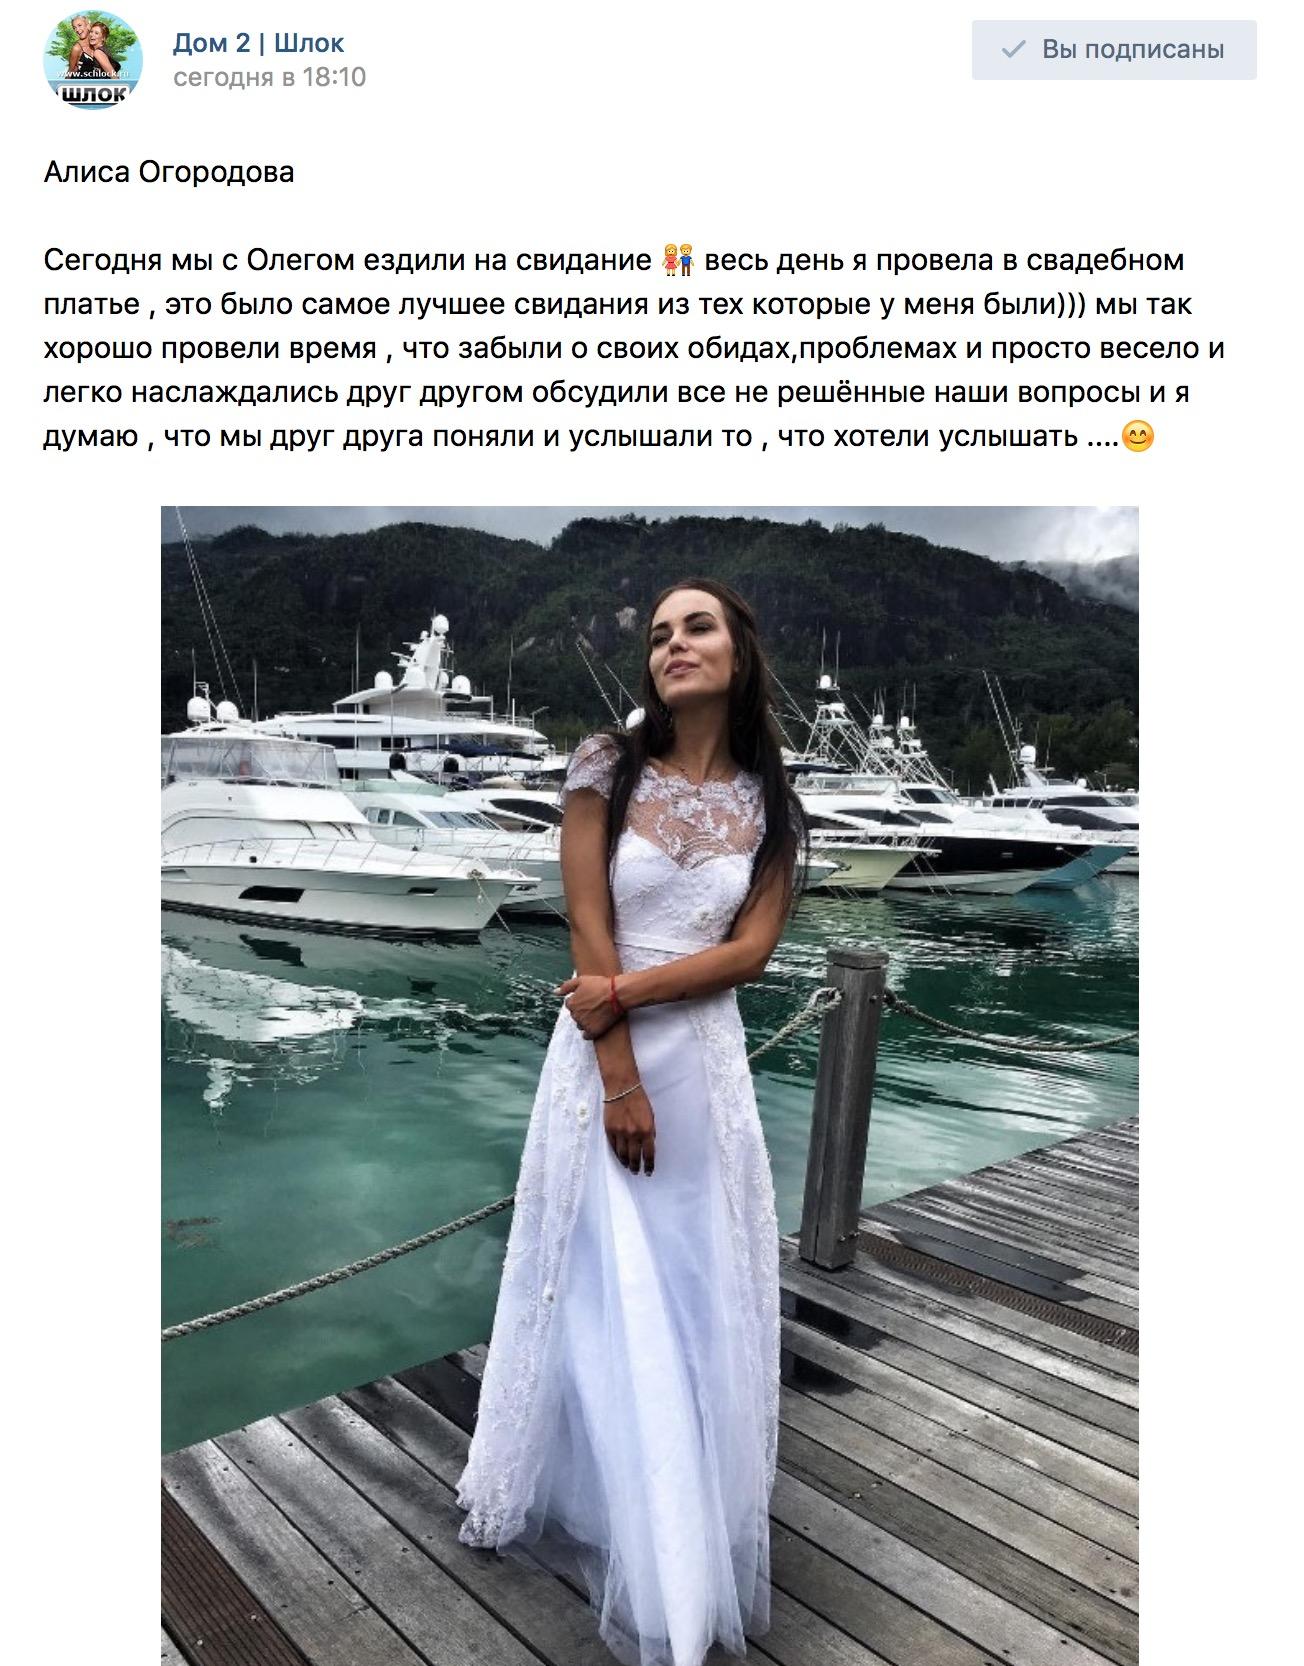 Сегодня мы с Олегом ездили на свидание ?